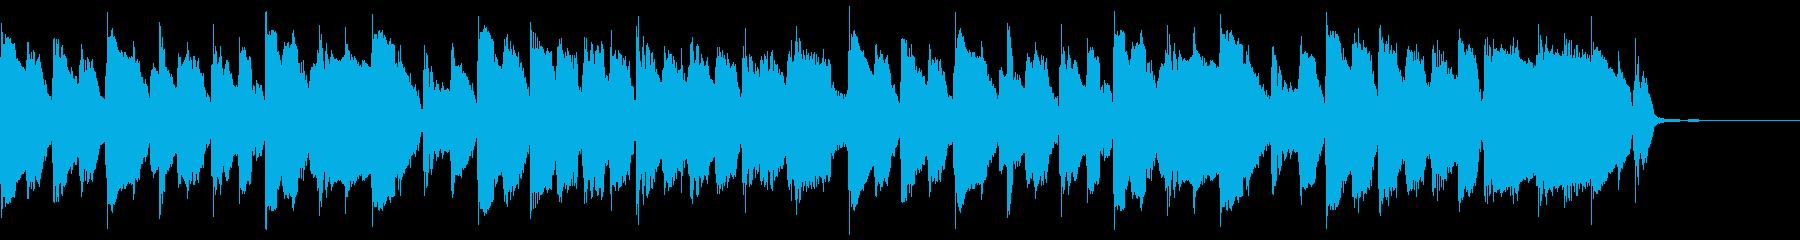 動画広告 30秒 リコーダーA 日常の再生済みの波形